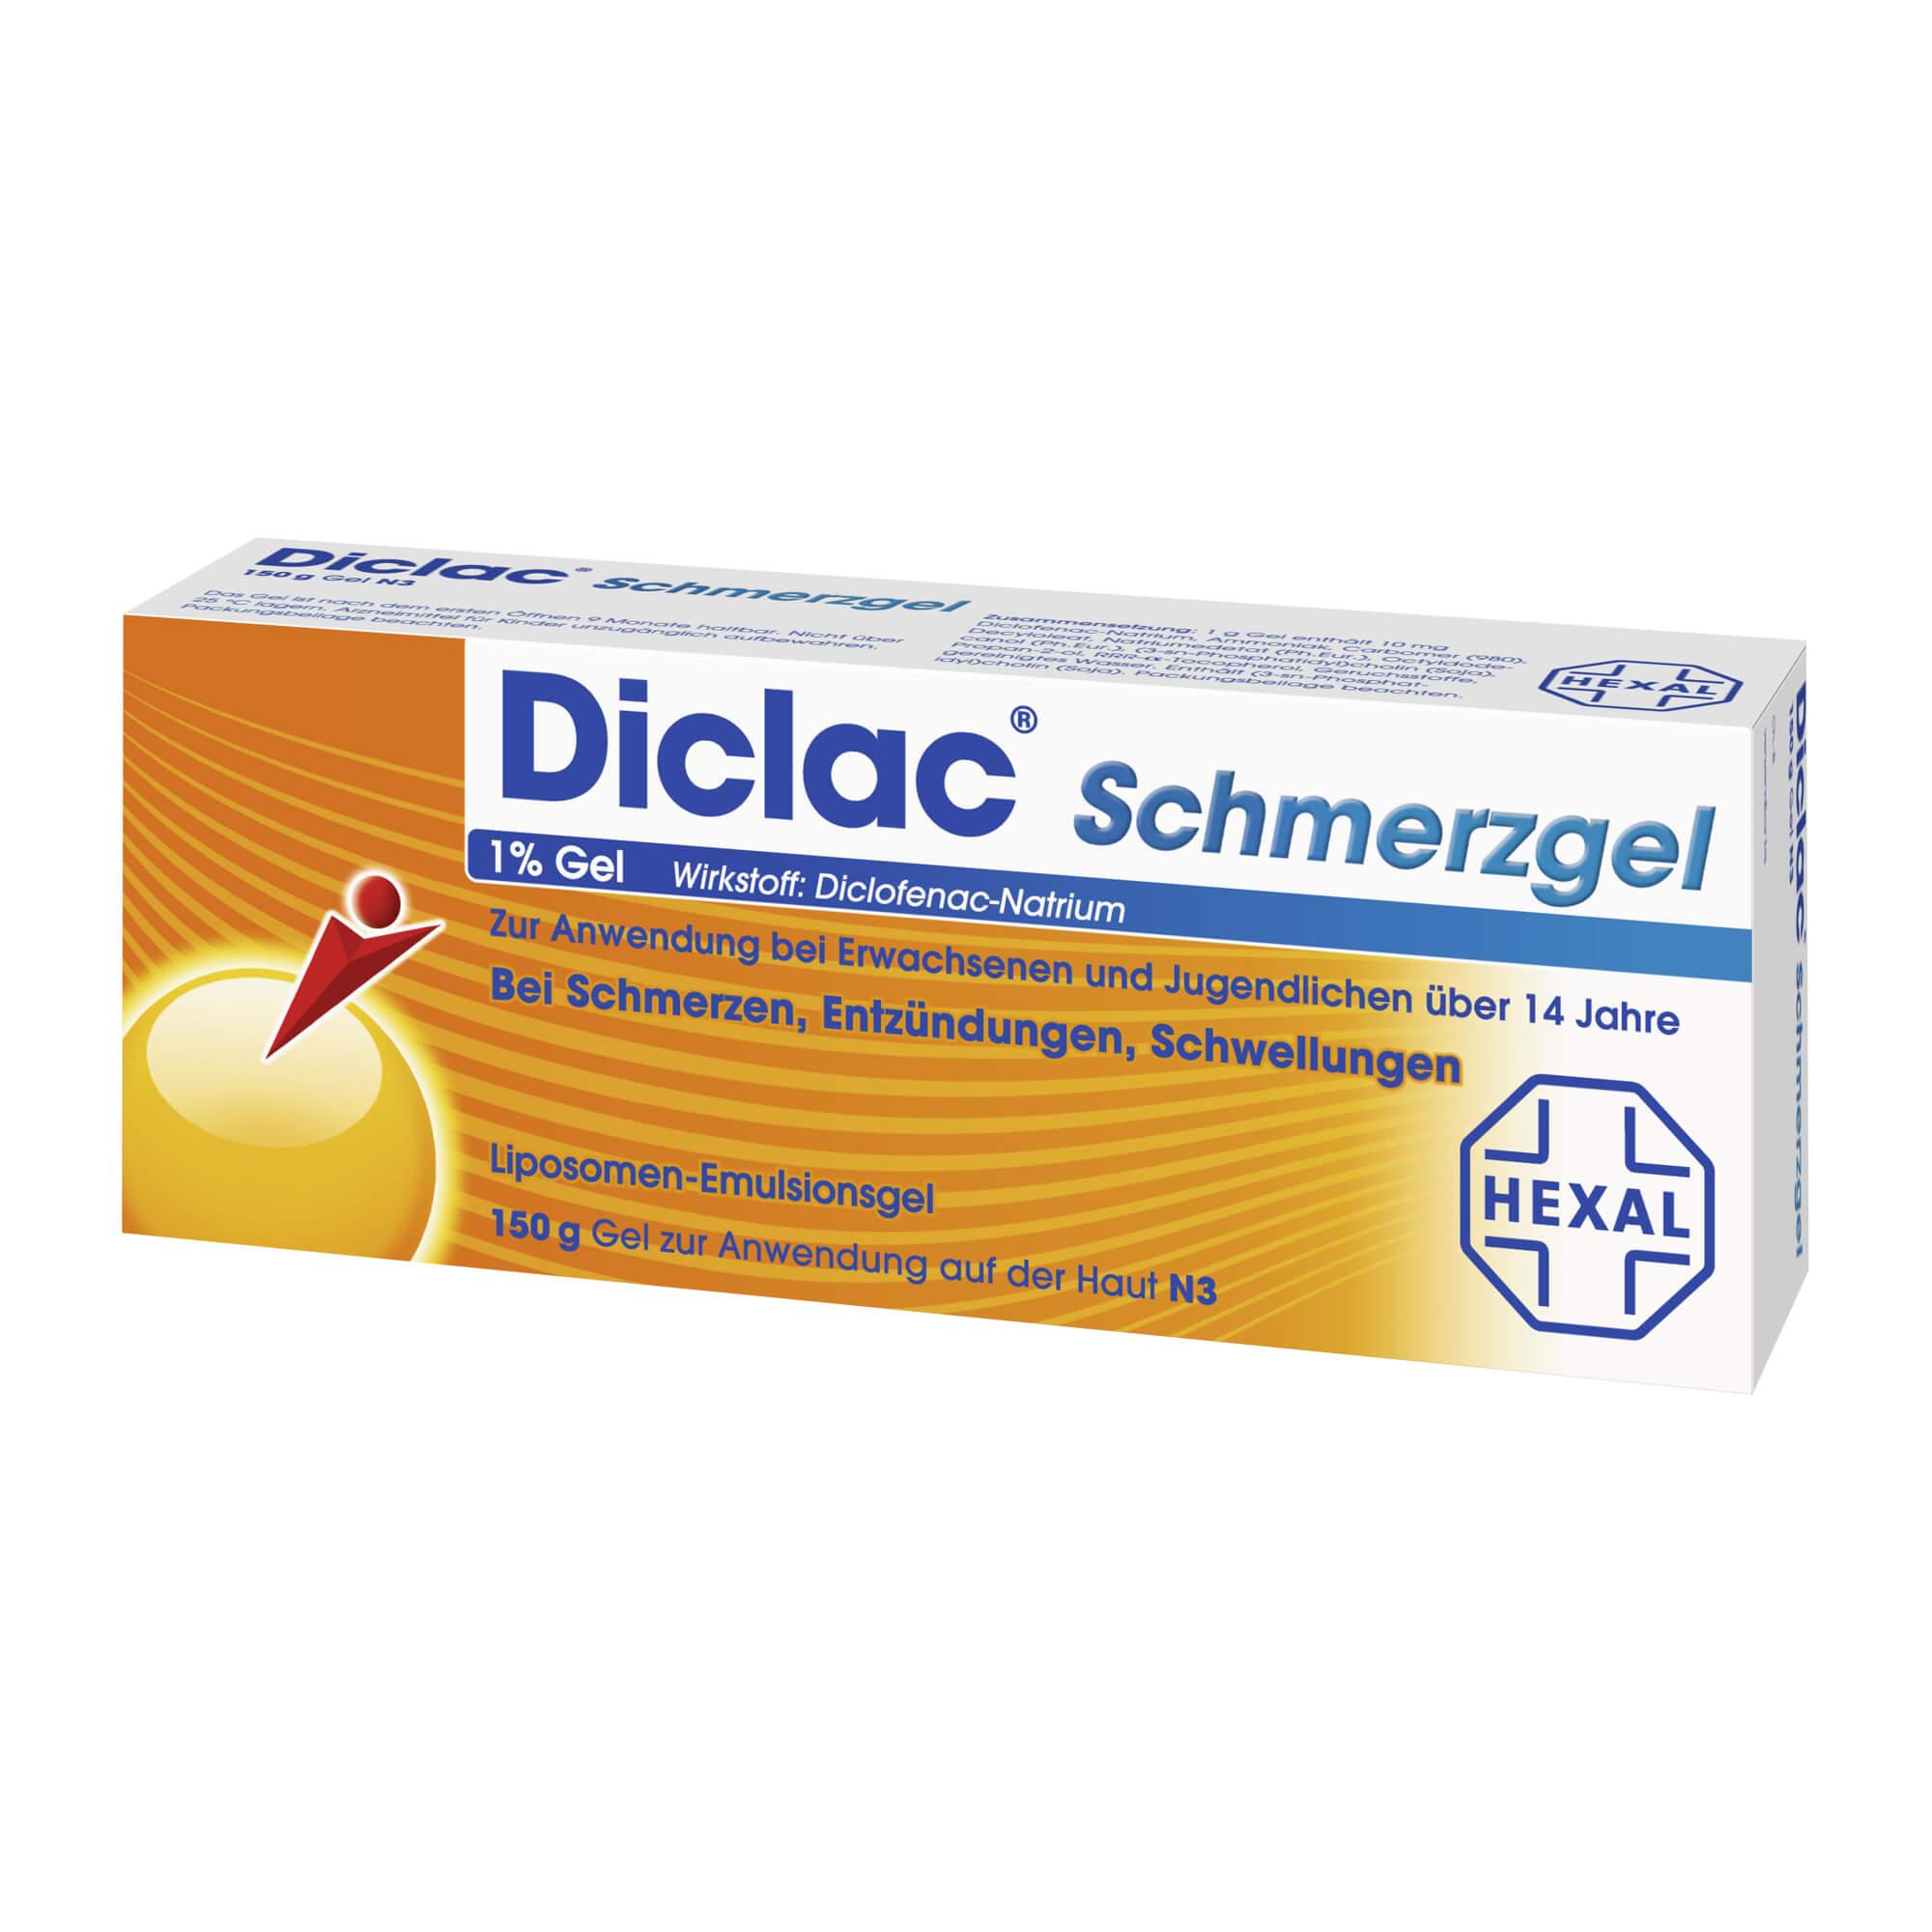 Diclac Schmerzgel 1 % Gel